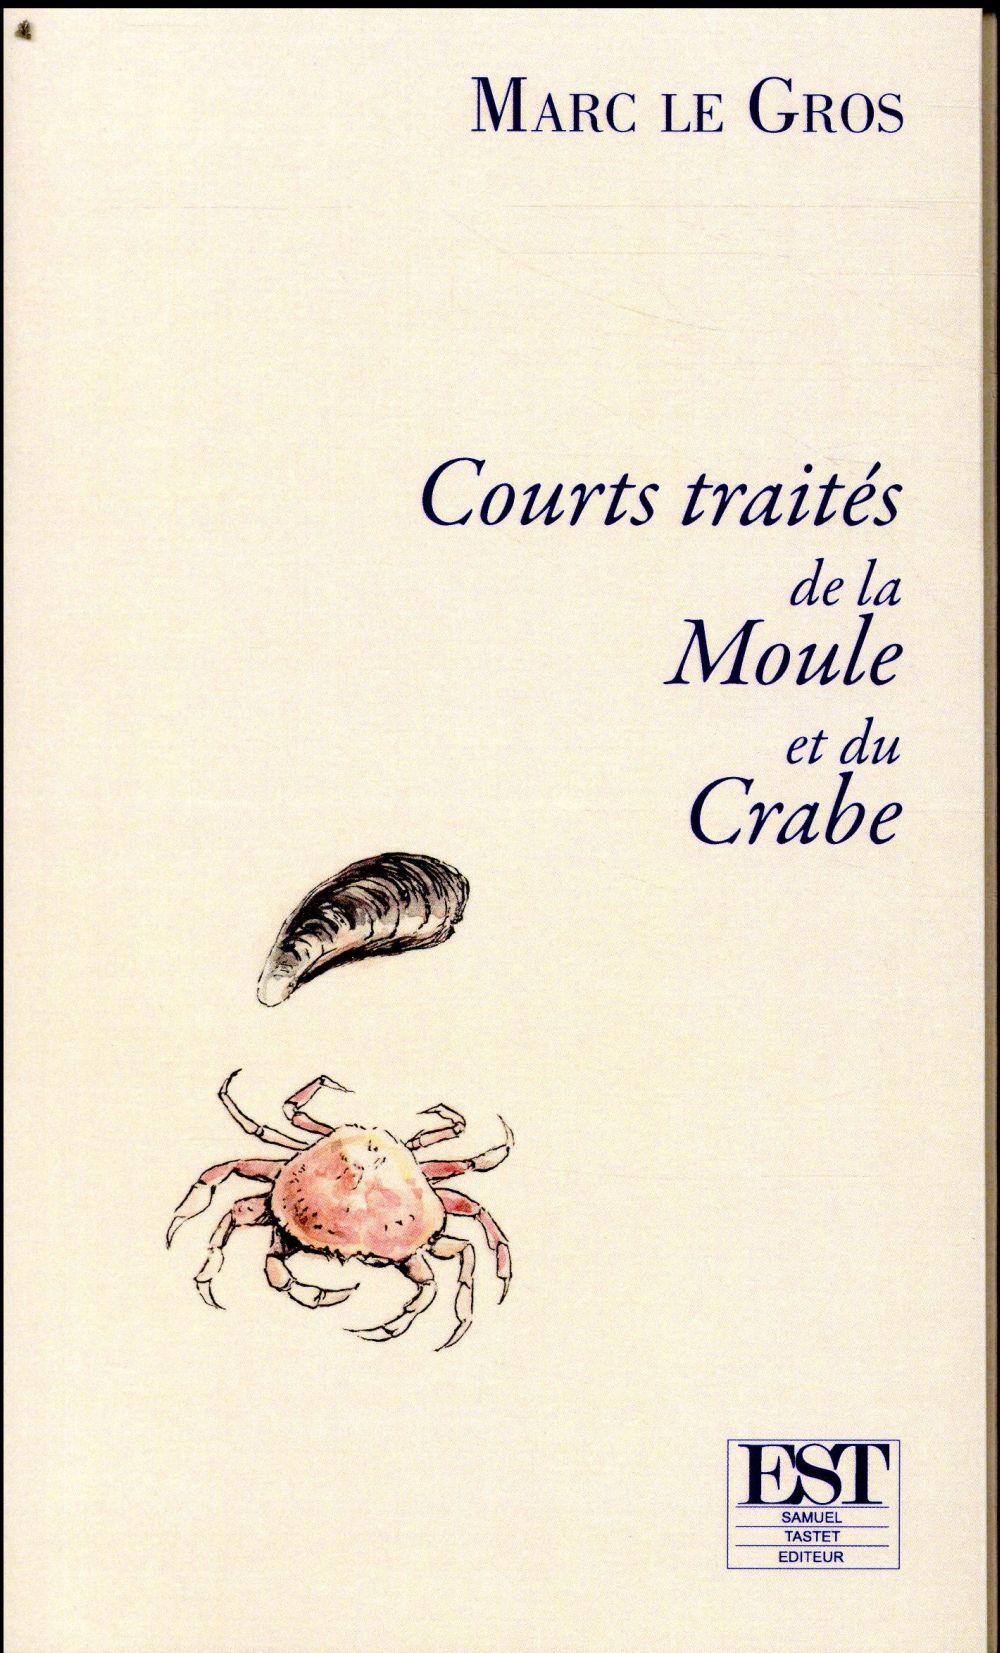 COURTS TRAITES DE LA MOULE ET DU CRABE